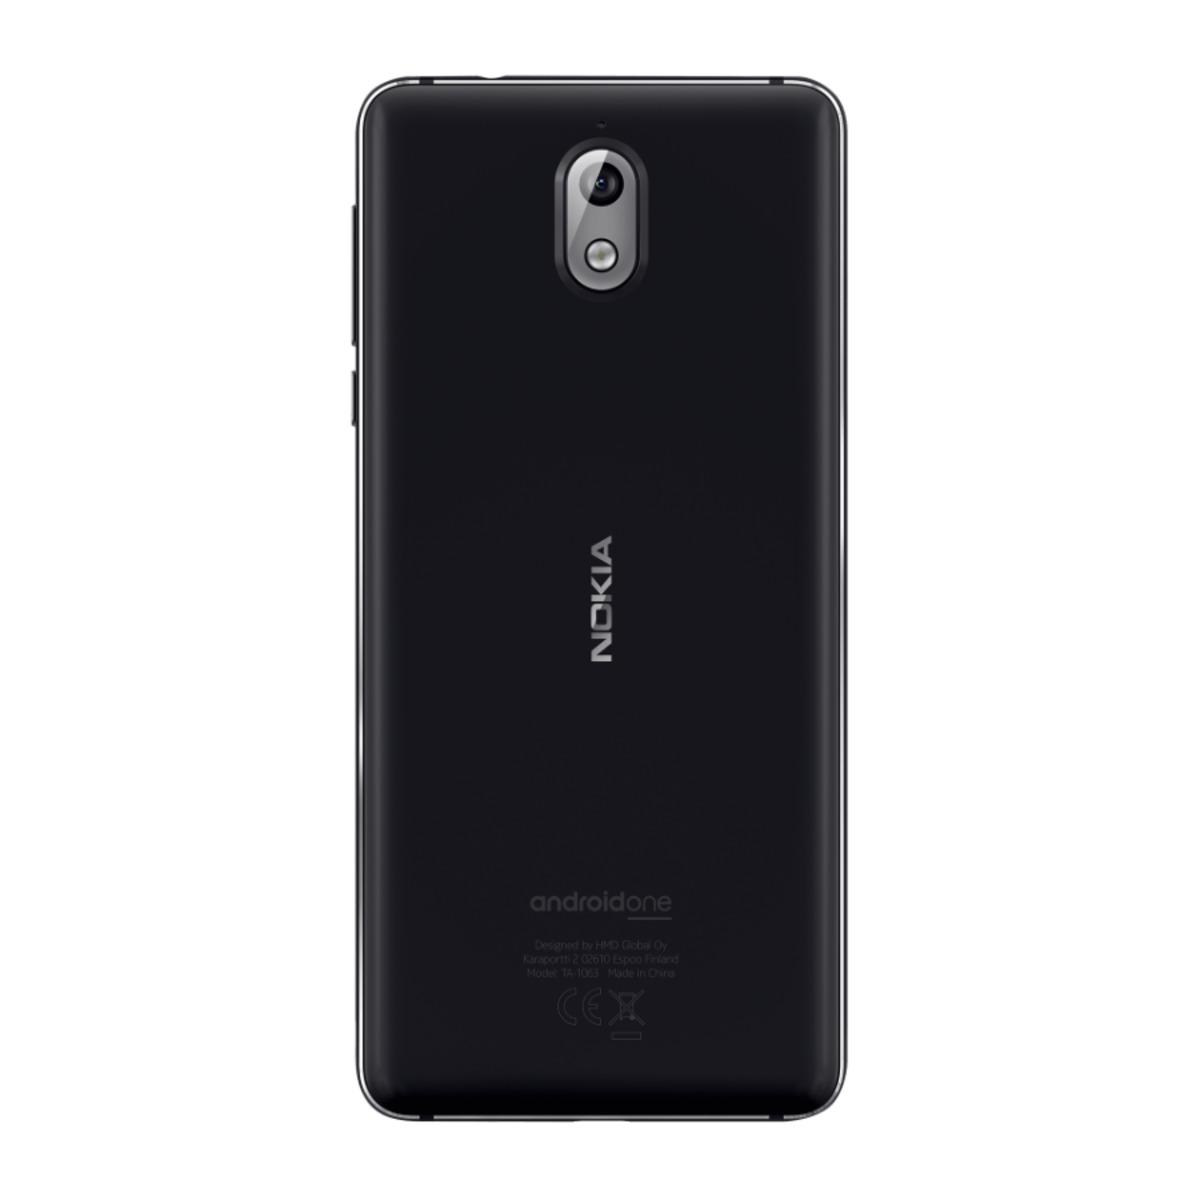 Bild 3 von Nokia 3.1 (2018) Smartphone